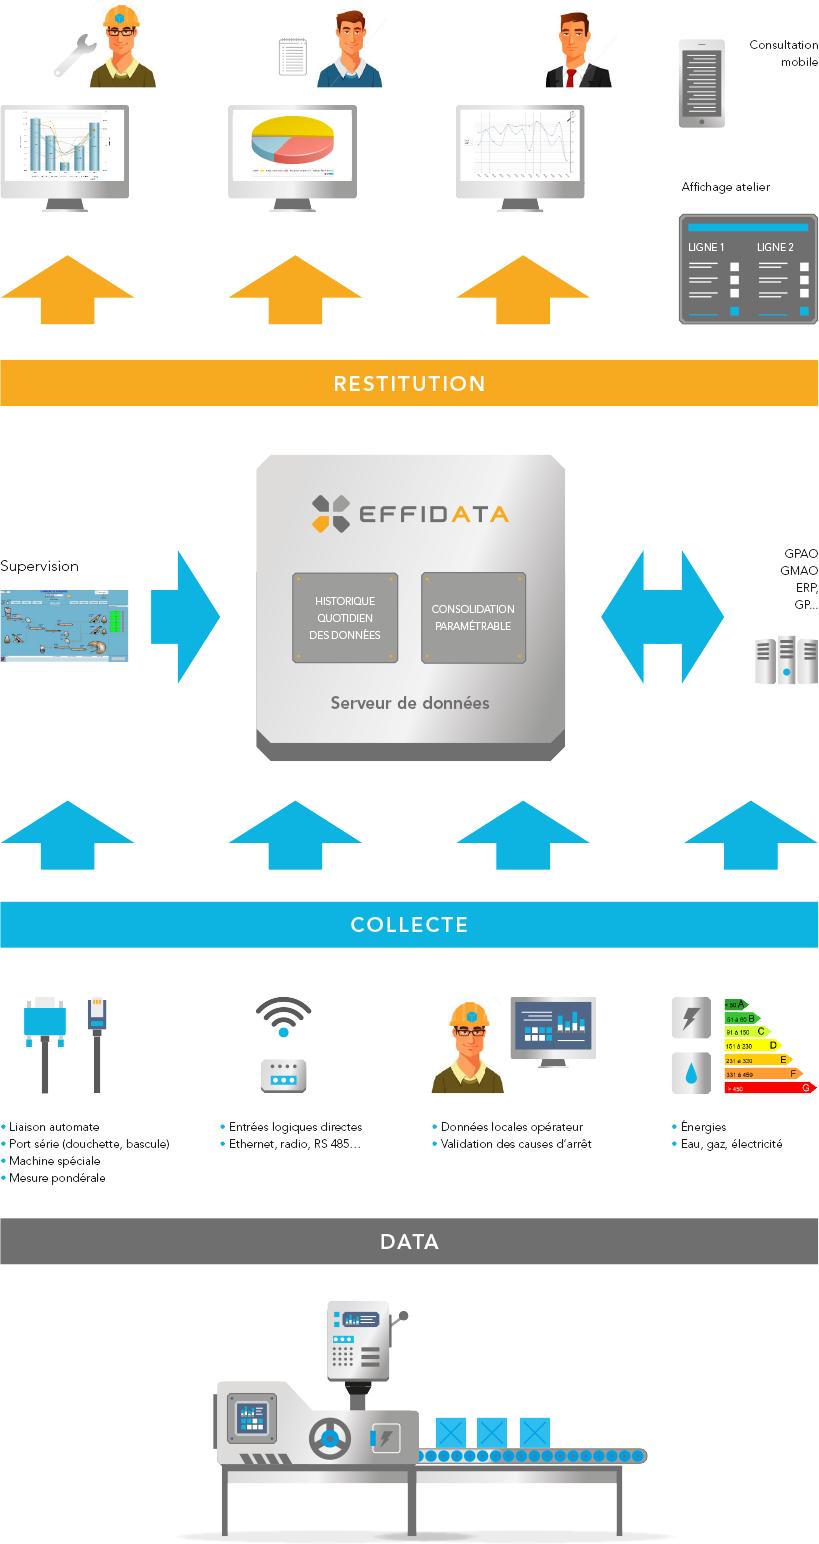 schéma collecte des données